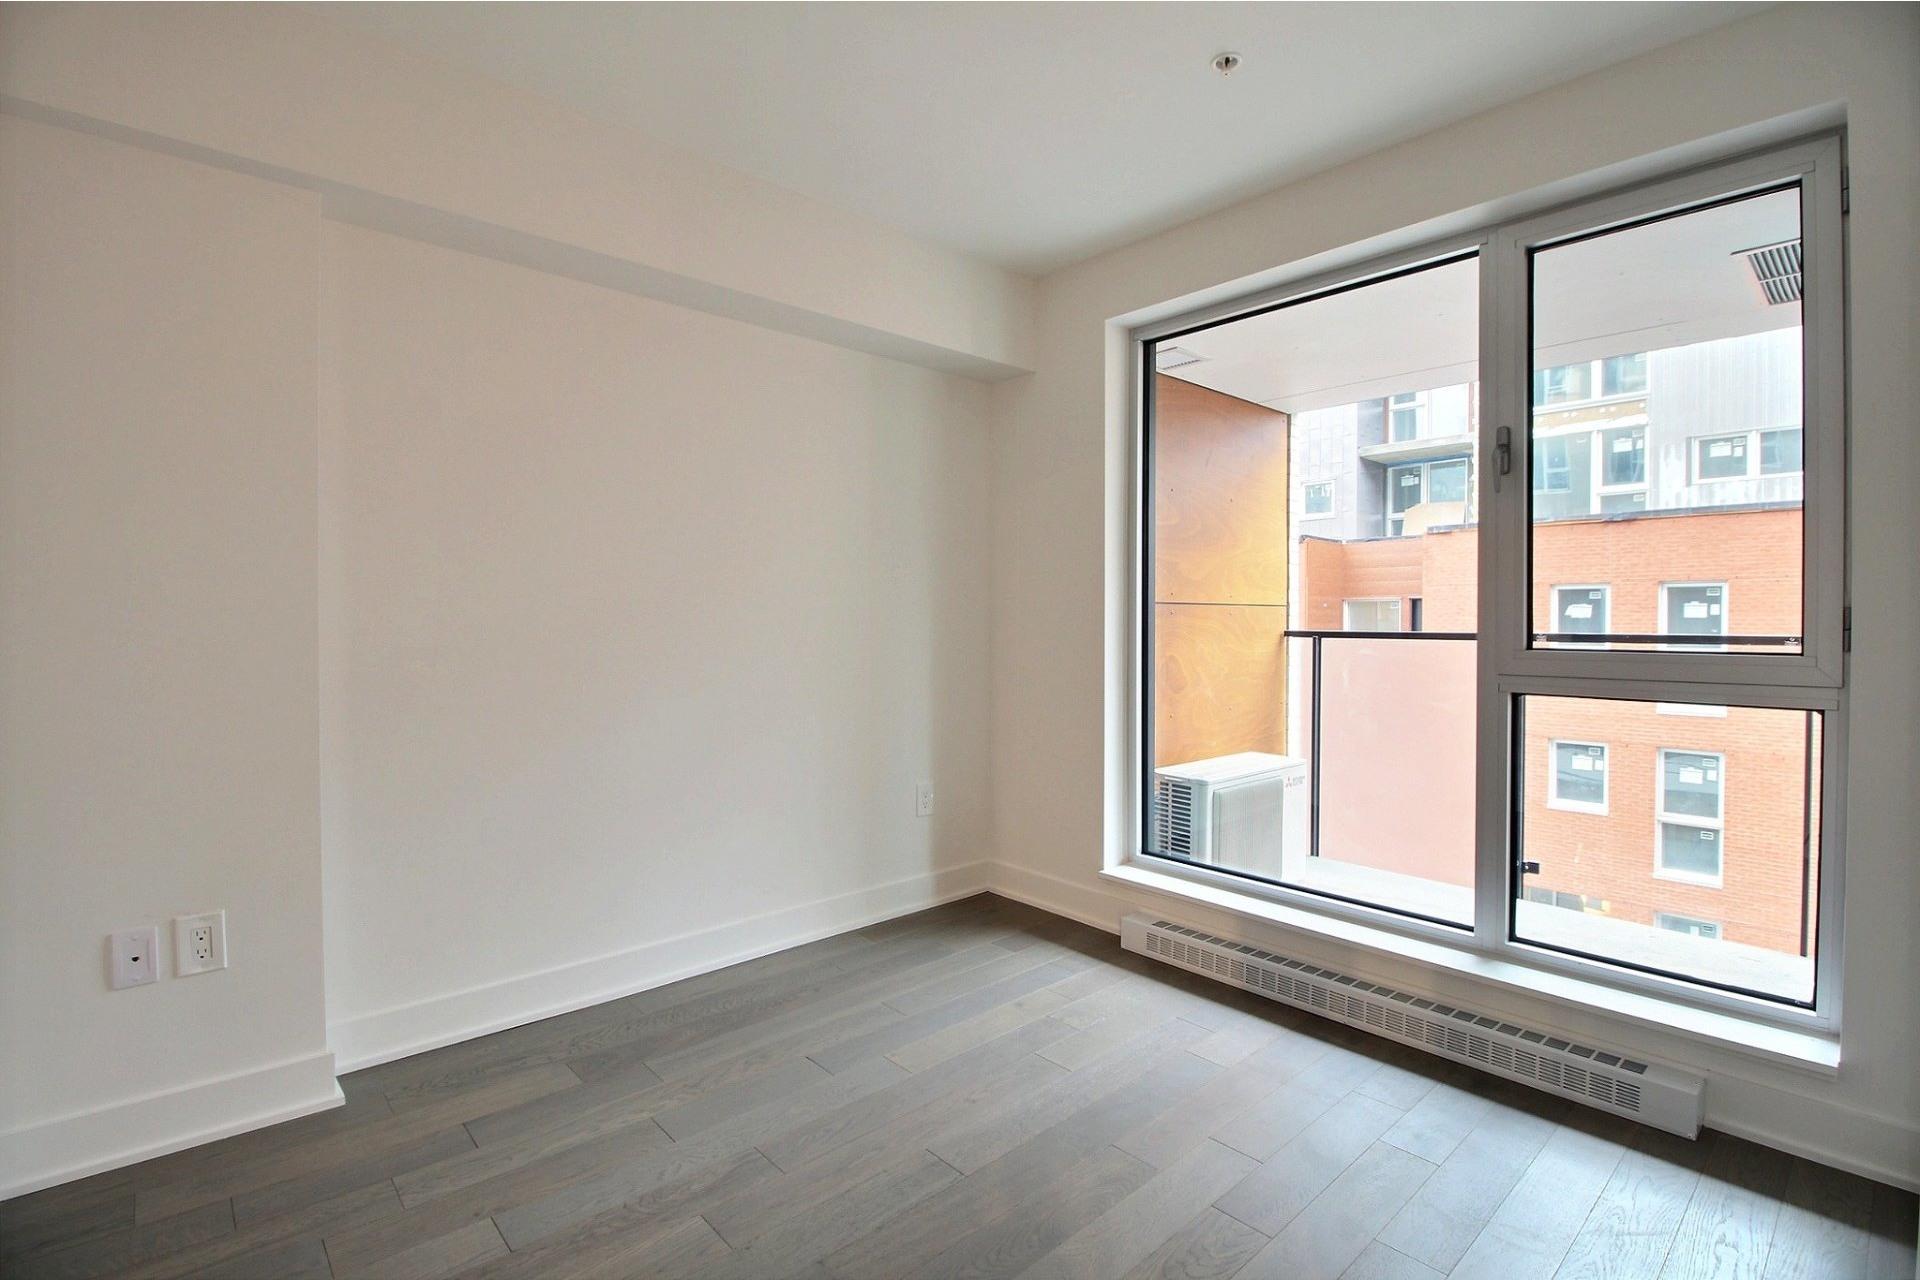 image 5 - Appartement À louer Montréal Le Sud-Ouest  - 4 pièces